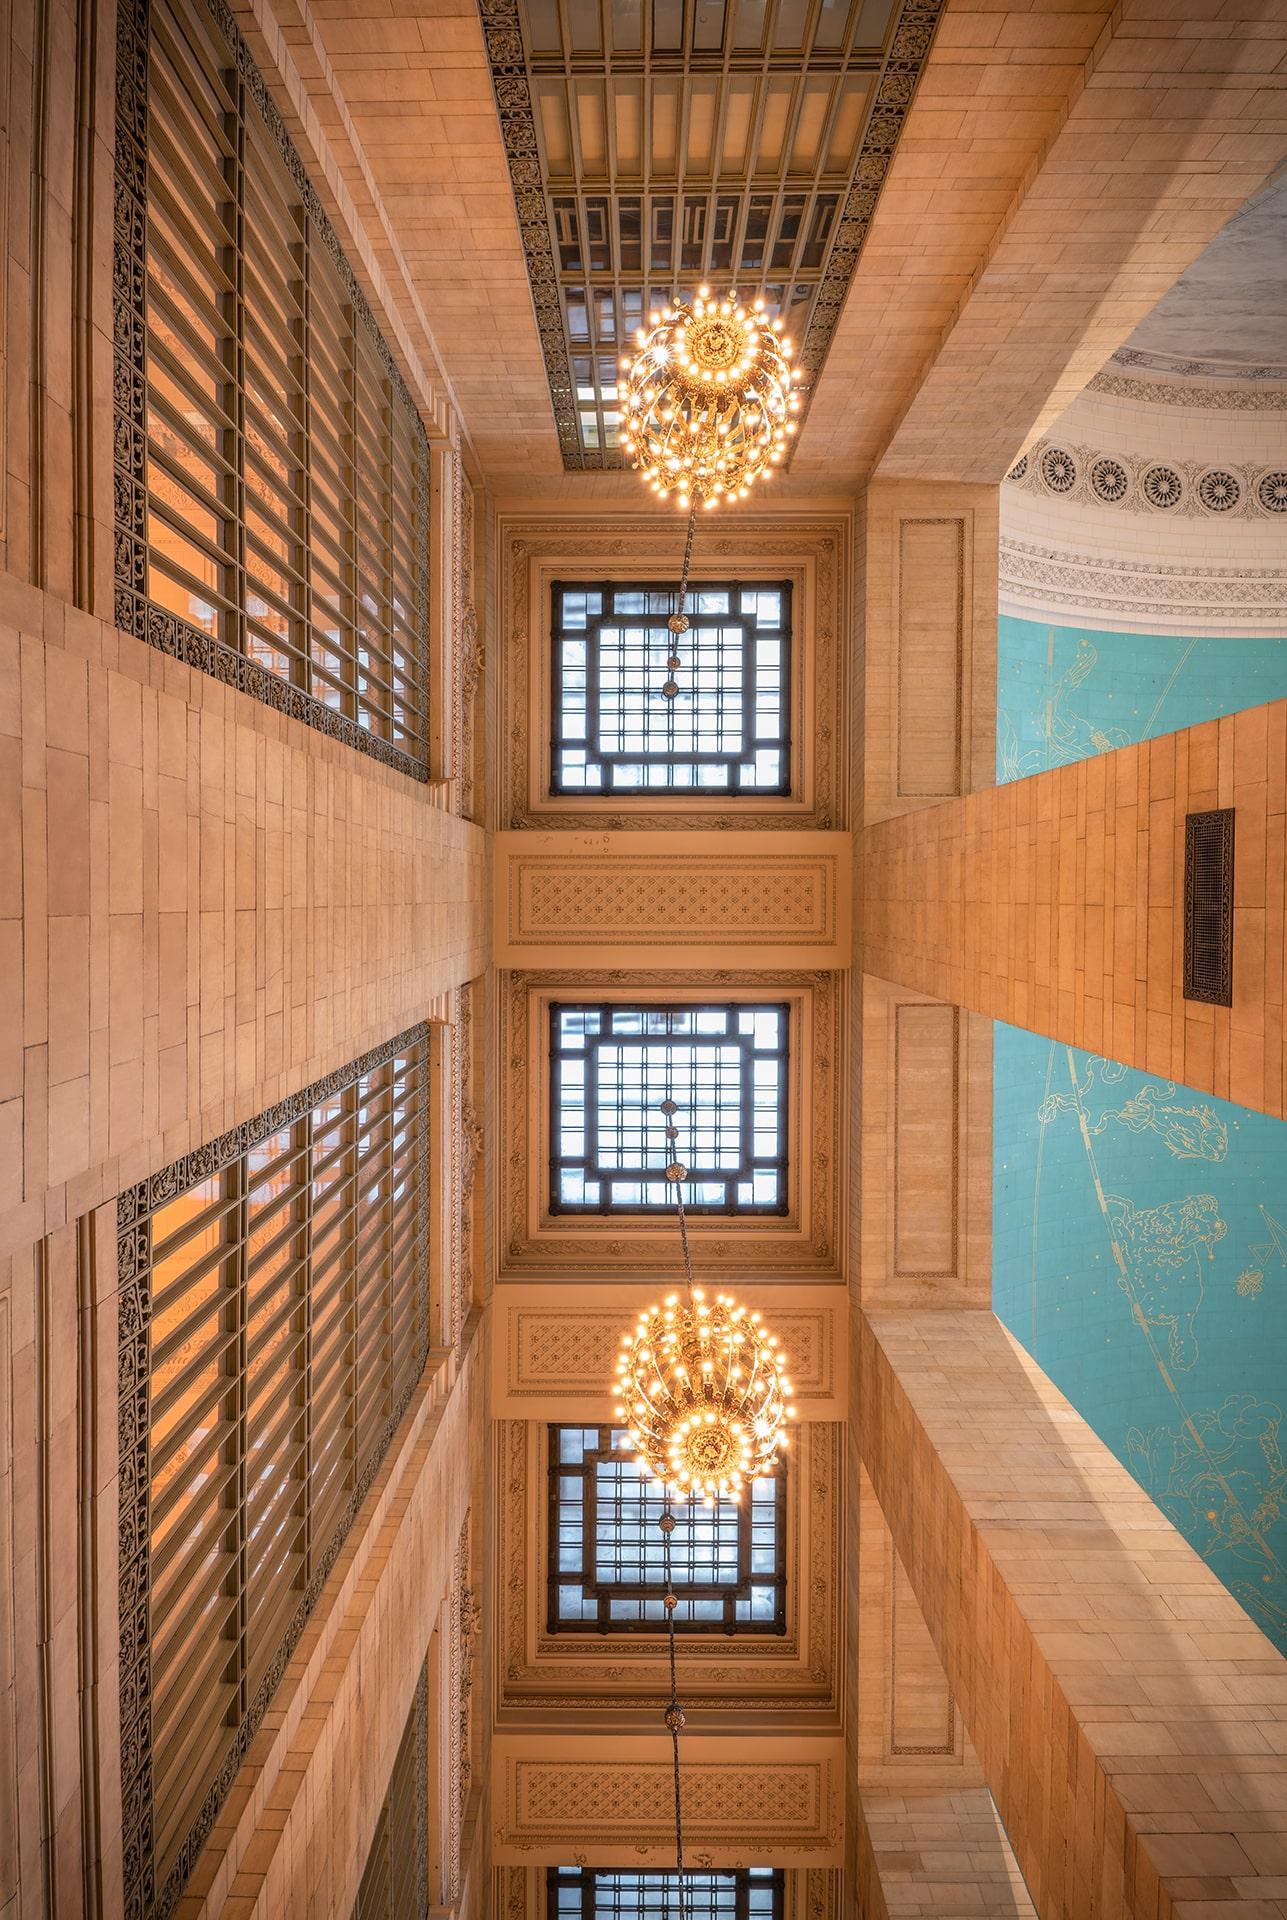 Blog Lifestyle - Le magnifique plafond de la Gare Grand Central de New York - Suivre sa Joie - Saskia Parein